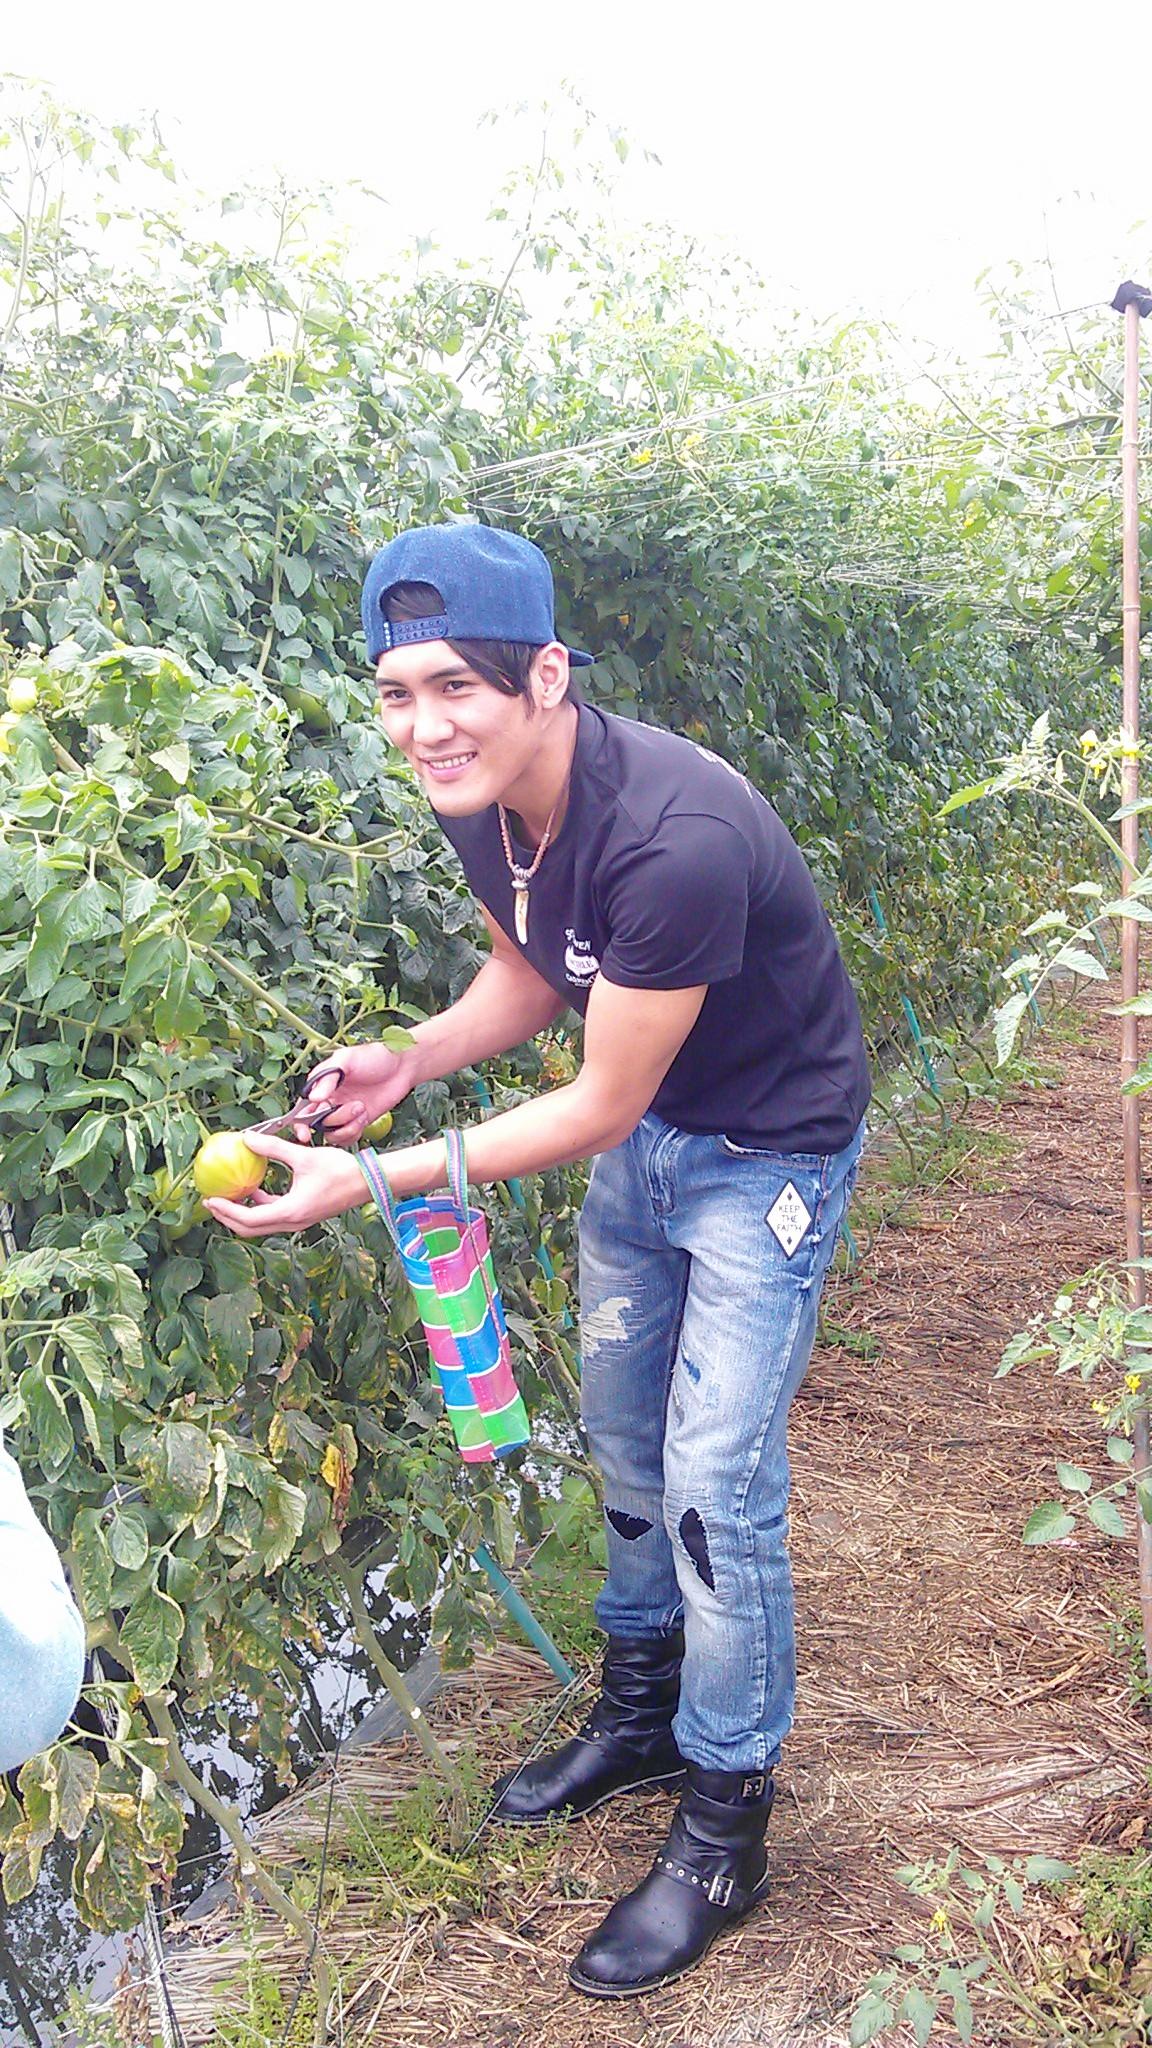 礁溪老爺春季專案帶旅人品嘗現摘溫泉番茄.